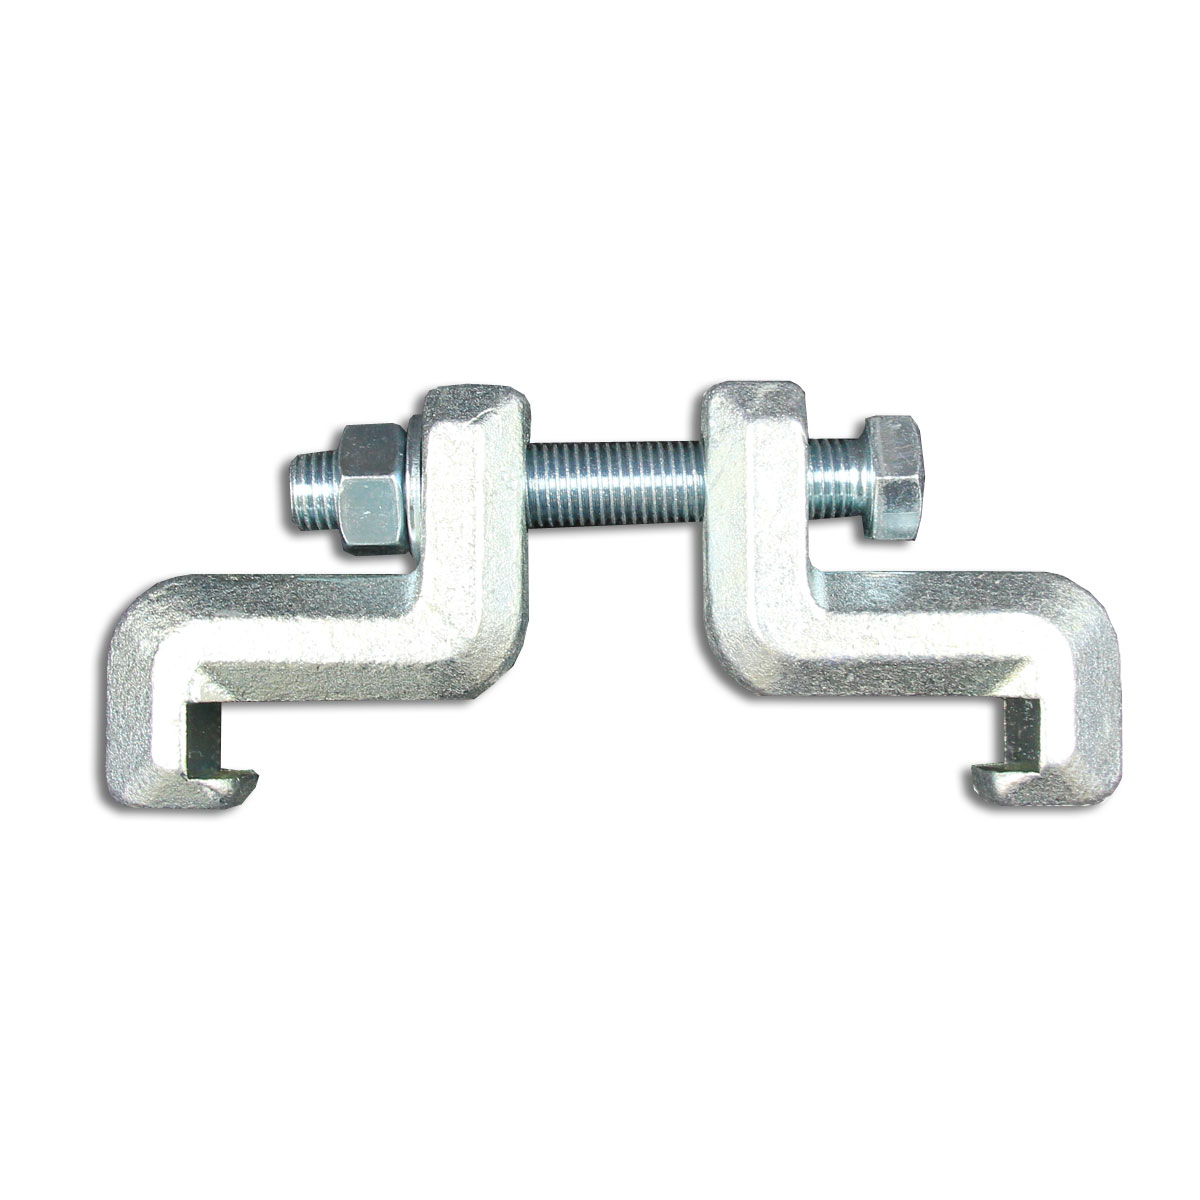 Außenverschraubung für Container / Bridge Fitting Verbindungsklammern